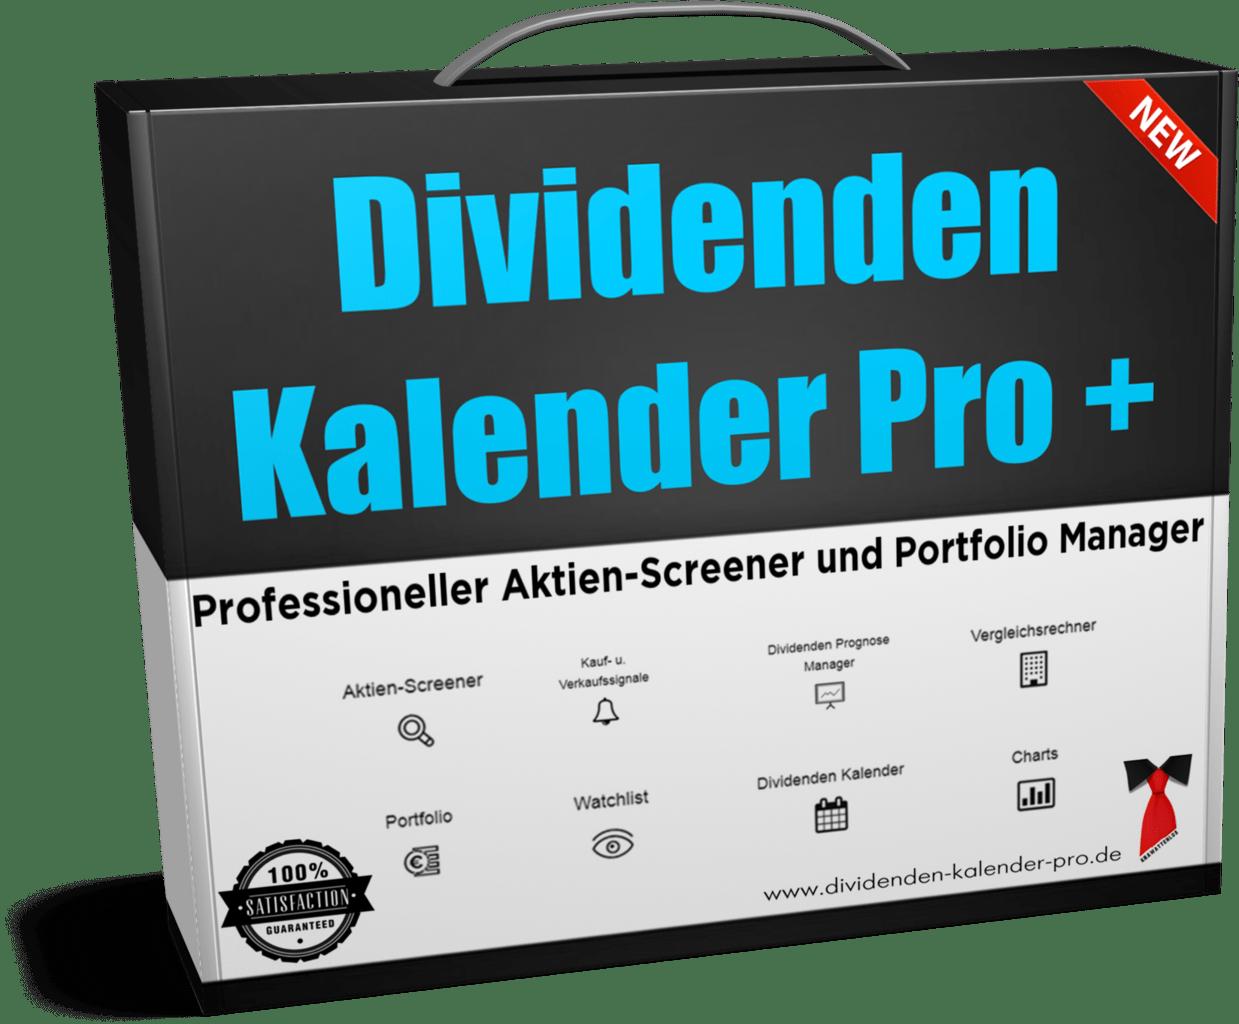 Dividenden Kalender Pro +